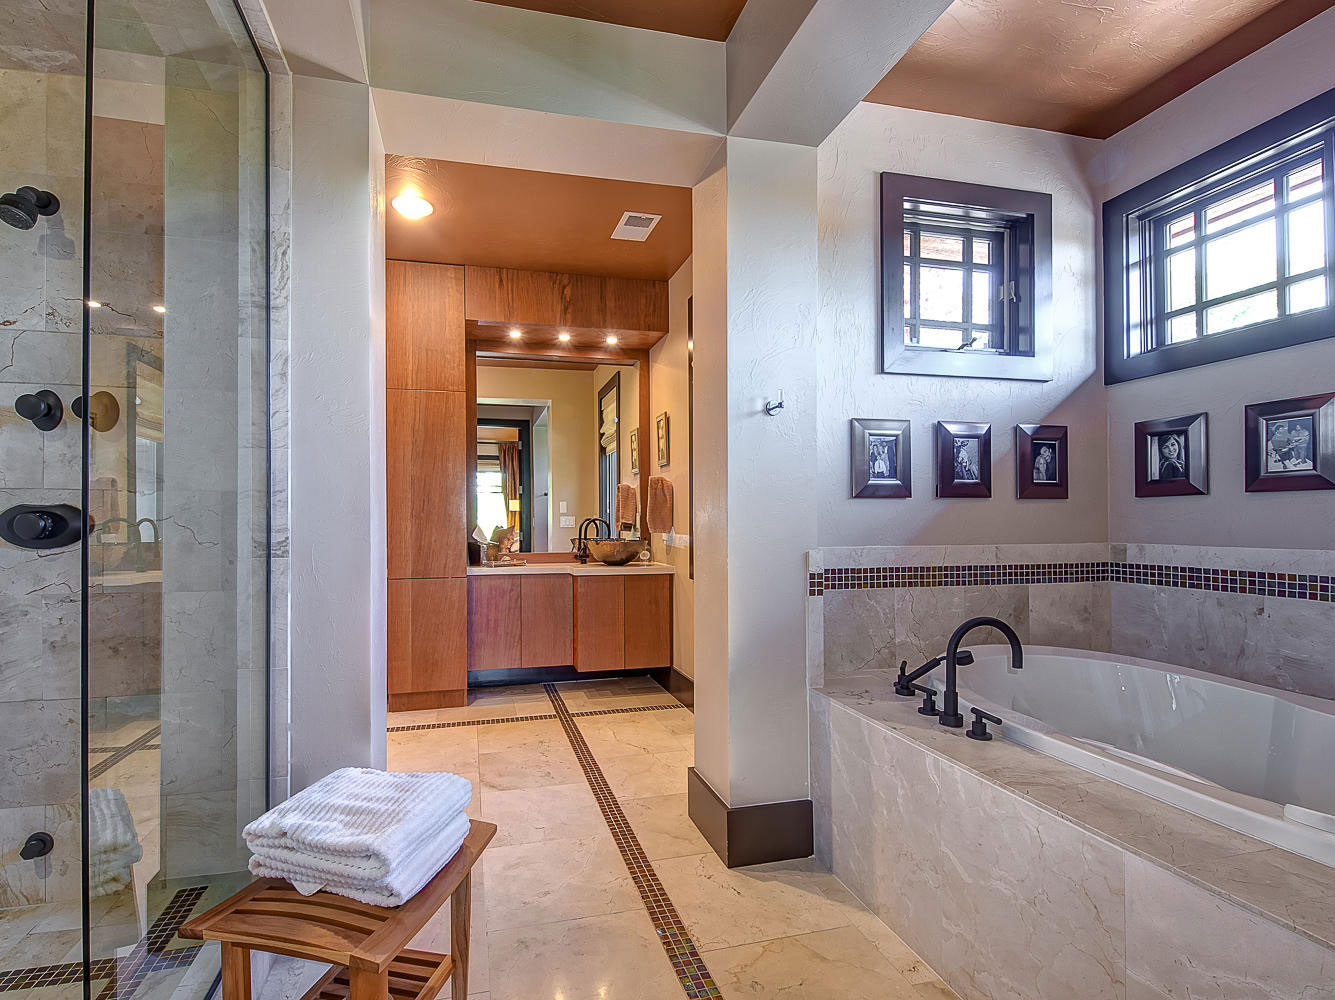 Elegant och modernt hus med rustik exteriör 31 Elegant och modernt hus med rustik exteriör